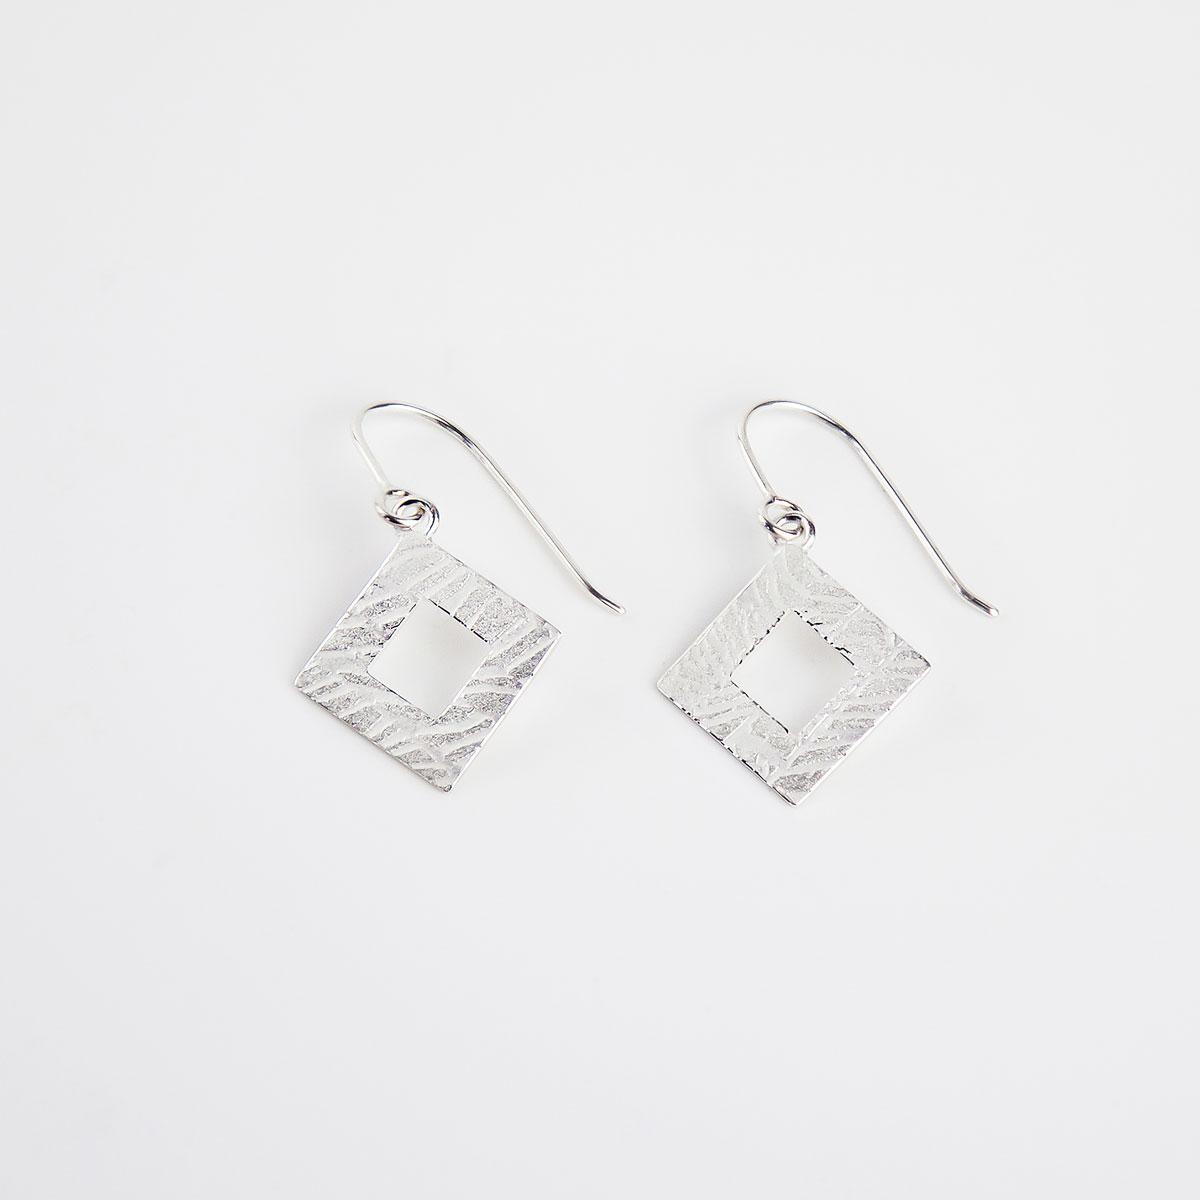 'Weave' Silver Hook Earrings